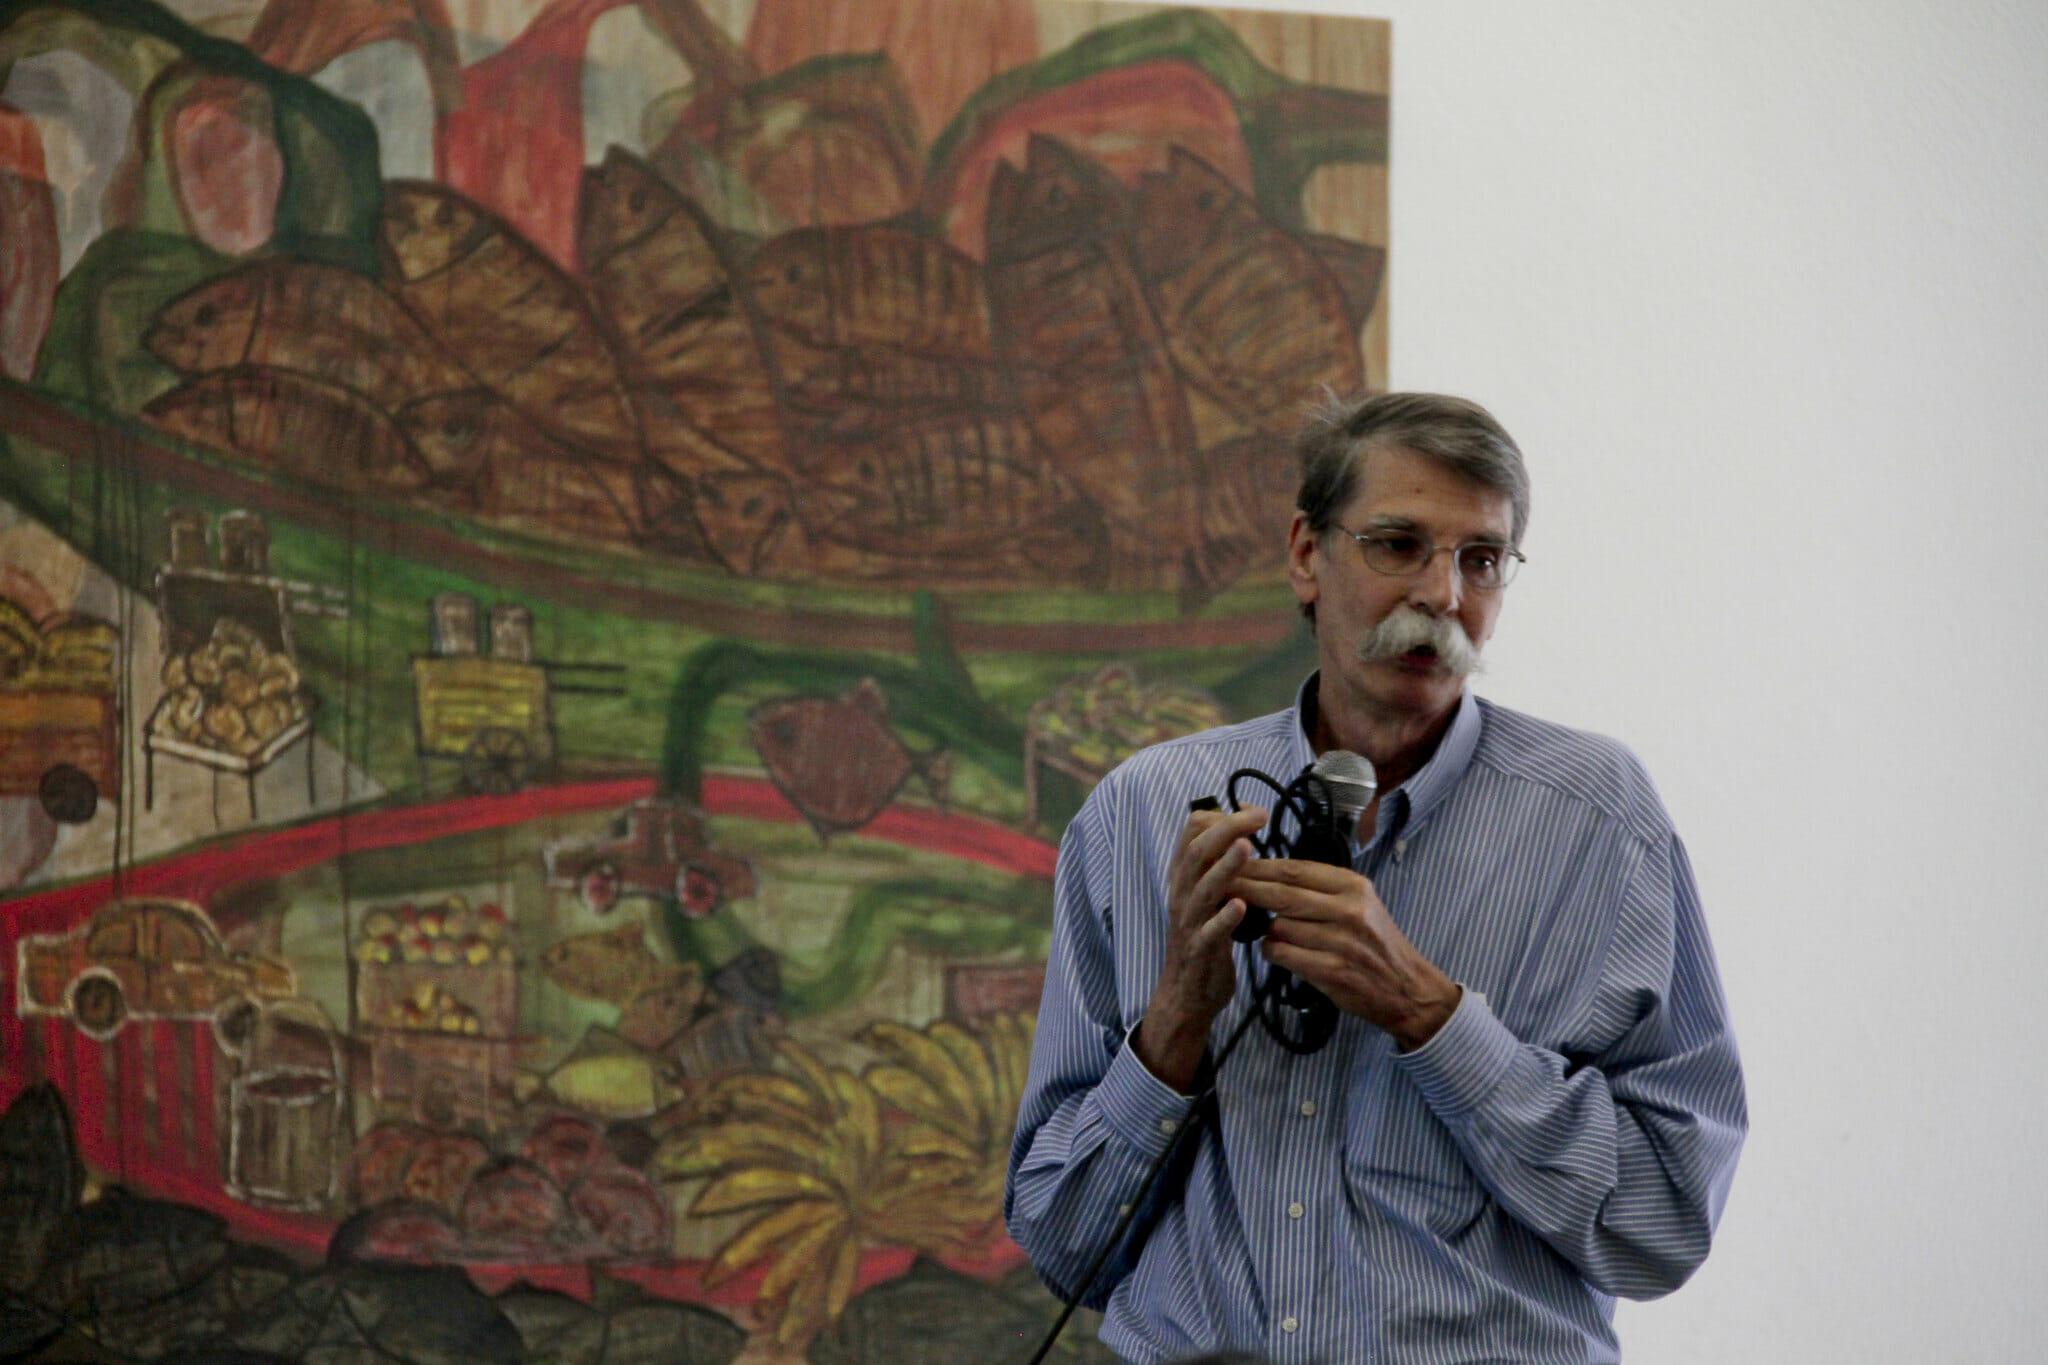 Prêmio Nobel da Paz, Fearnside vira alvo de ataque xenófobo